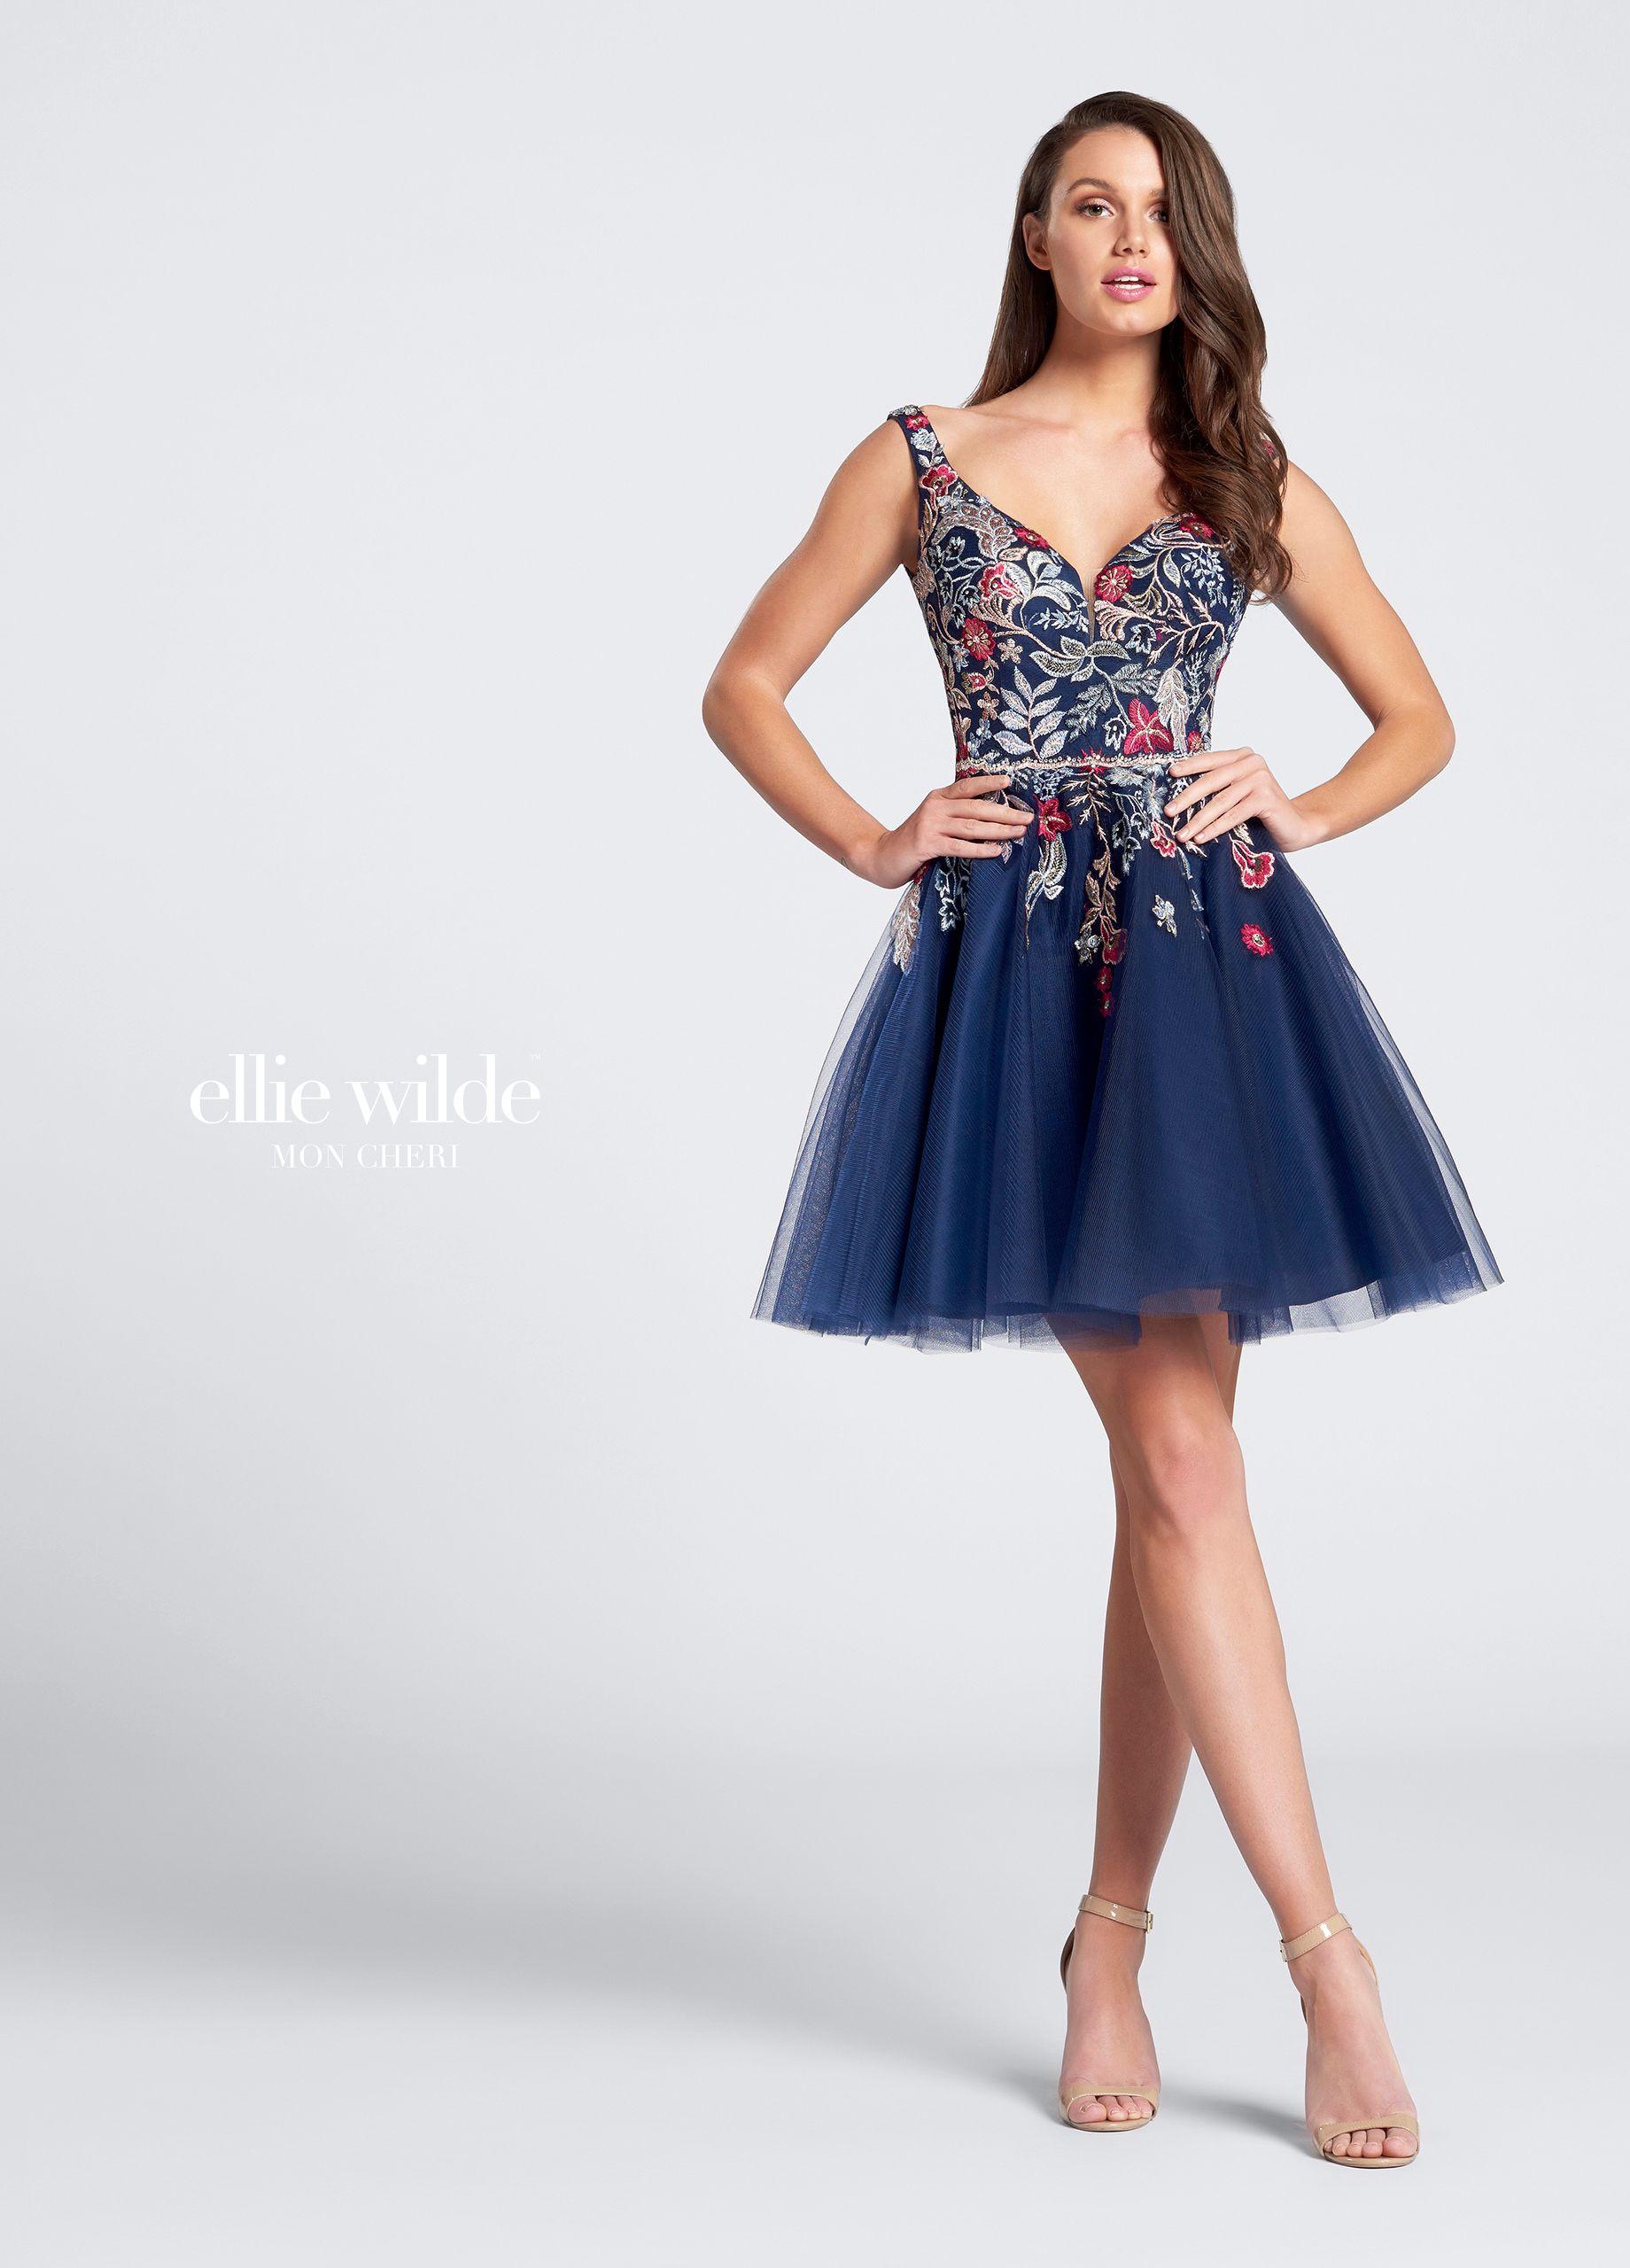 bec096b1ec0 Short Full Skirt Prom Dress